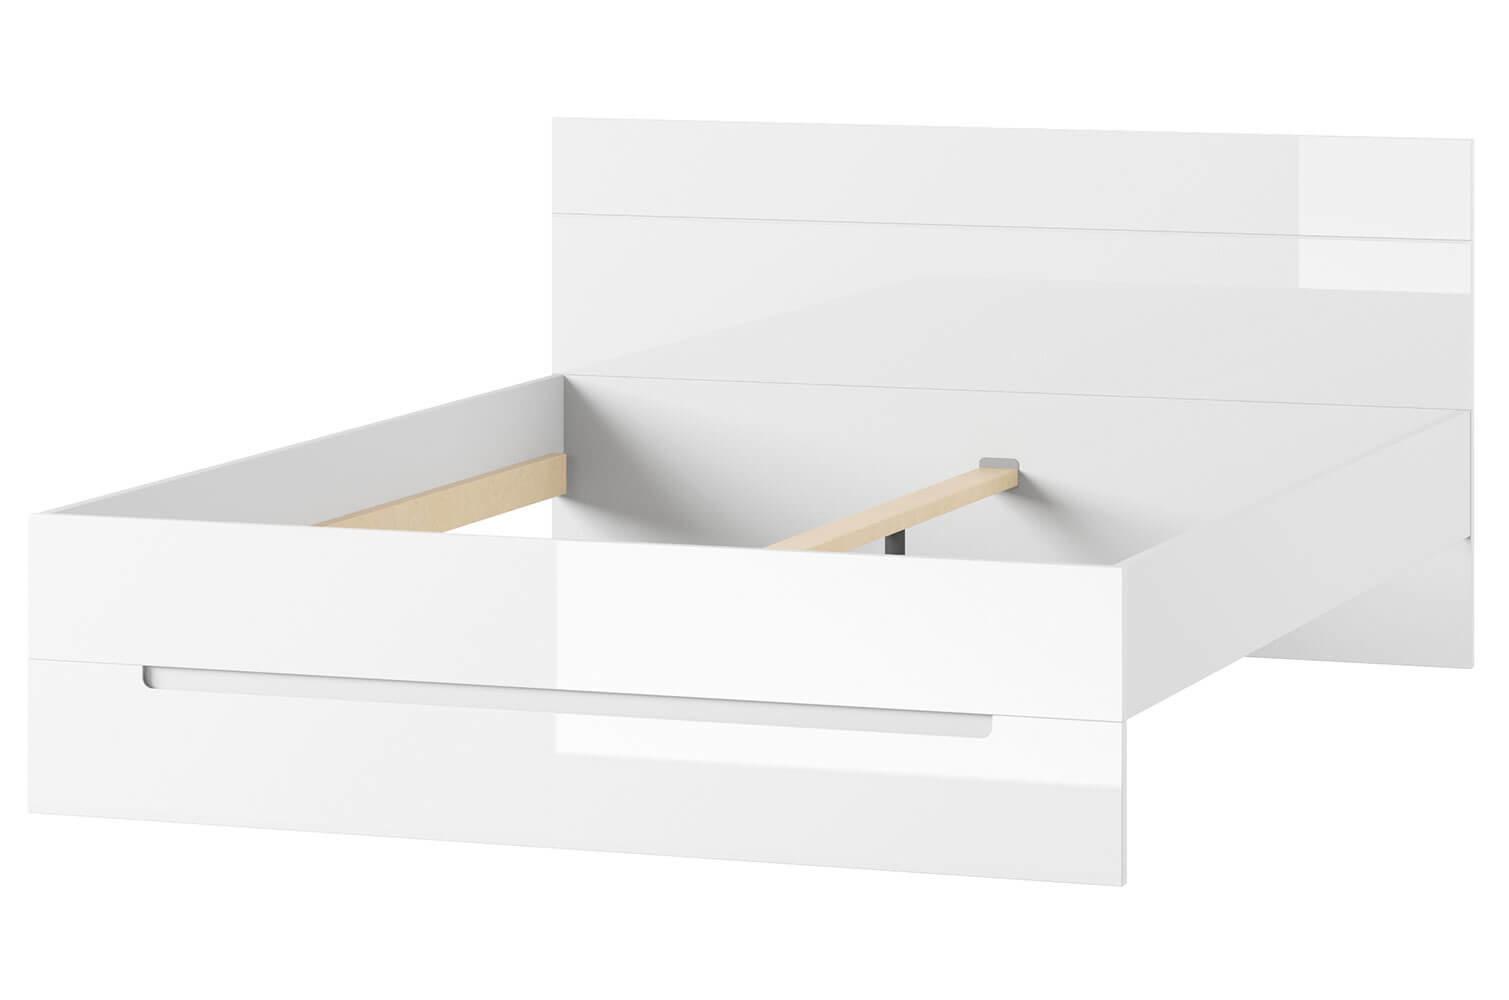 Szynaka Manželská posteľ Selene 33 biela Prevedenie: Manželská posteľ 180 x 200 cm